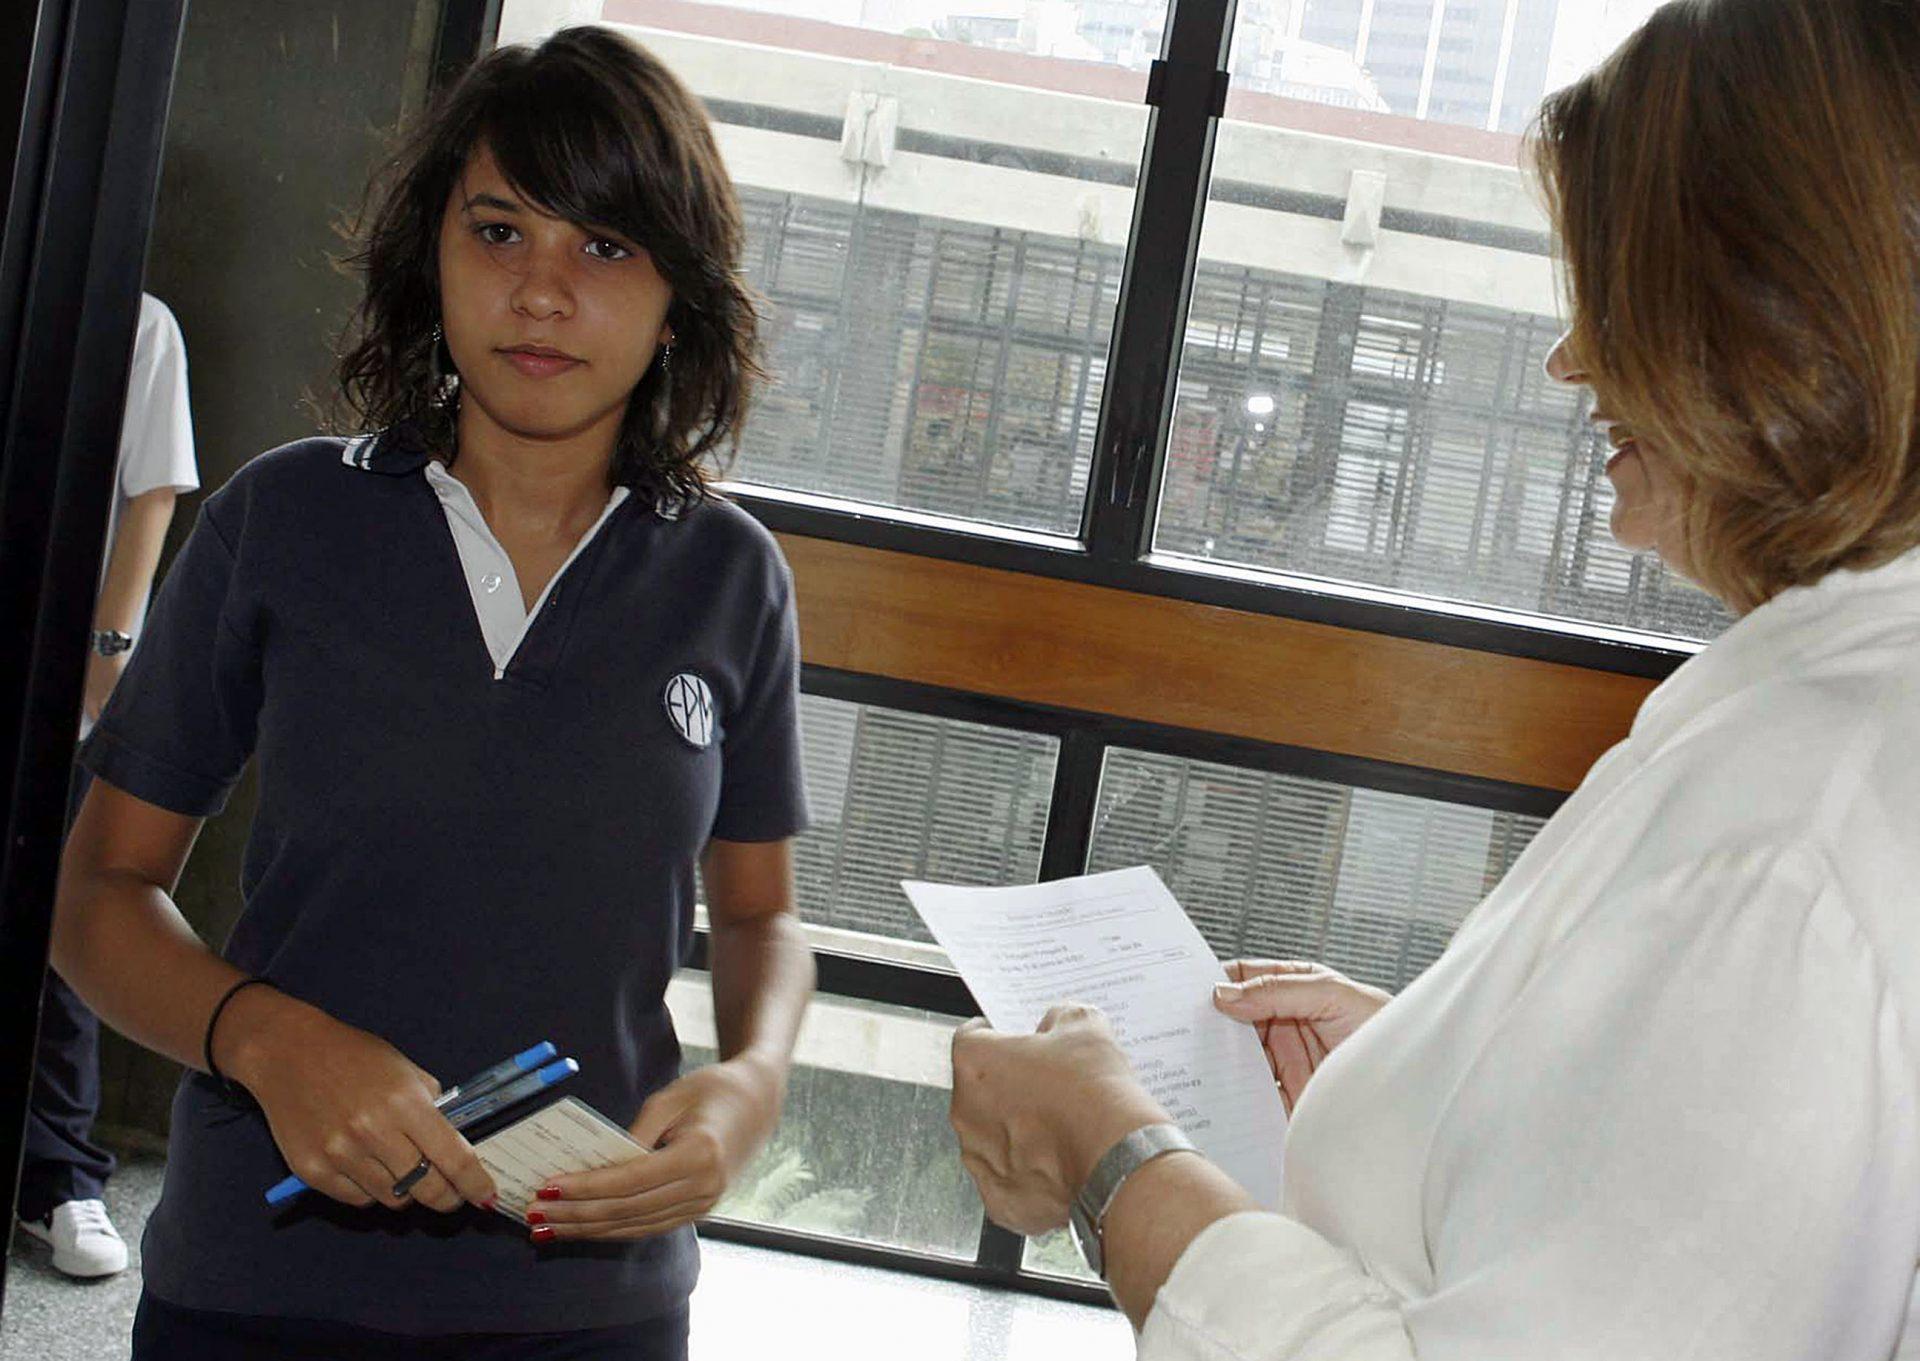 Alunos do 12º ano, da escola portuguesa de Macau na China à entrada para a sala de aulas para o primeiro exame nacional da disciplina de Português, 18 de Junho de 2007, Macau. CARMO CORREIA / LUSA